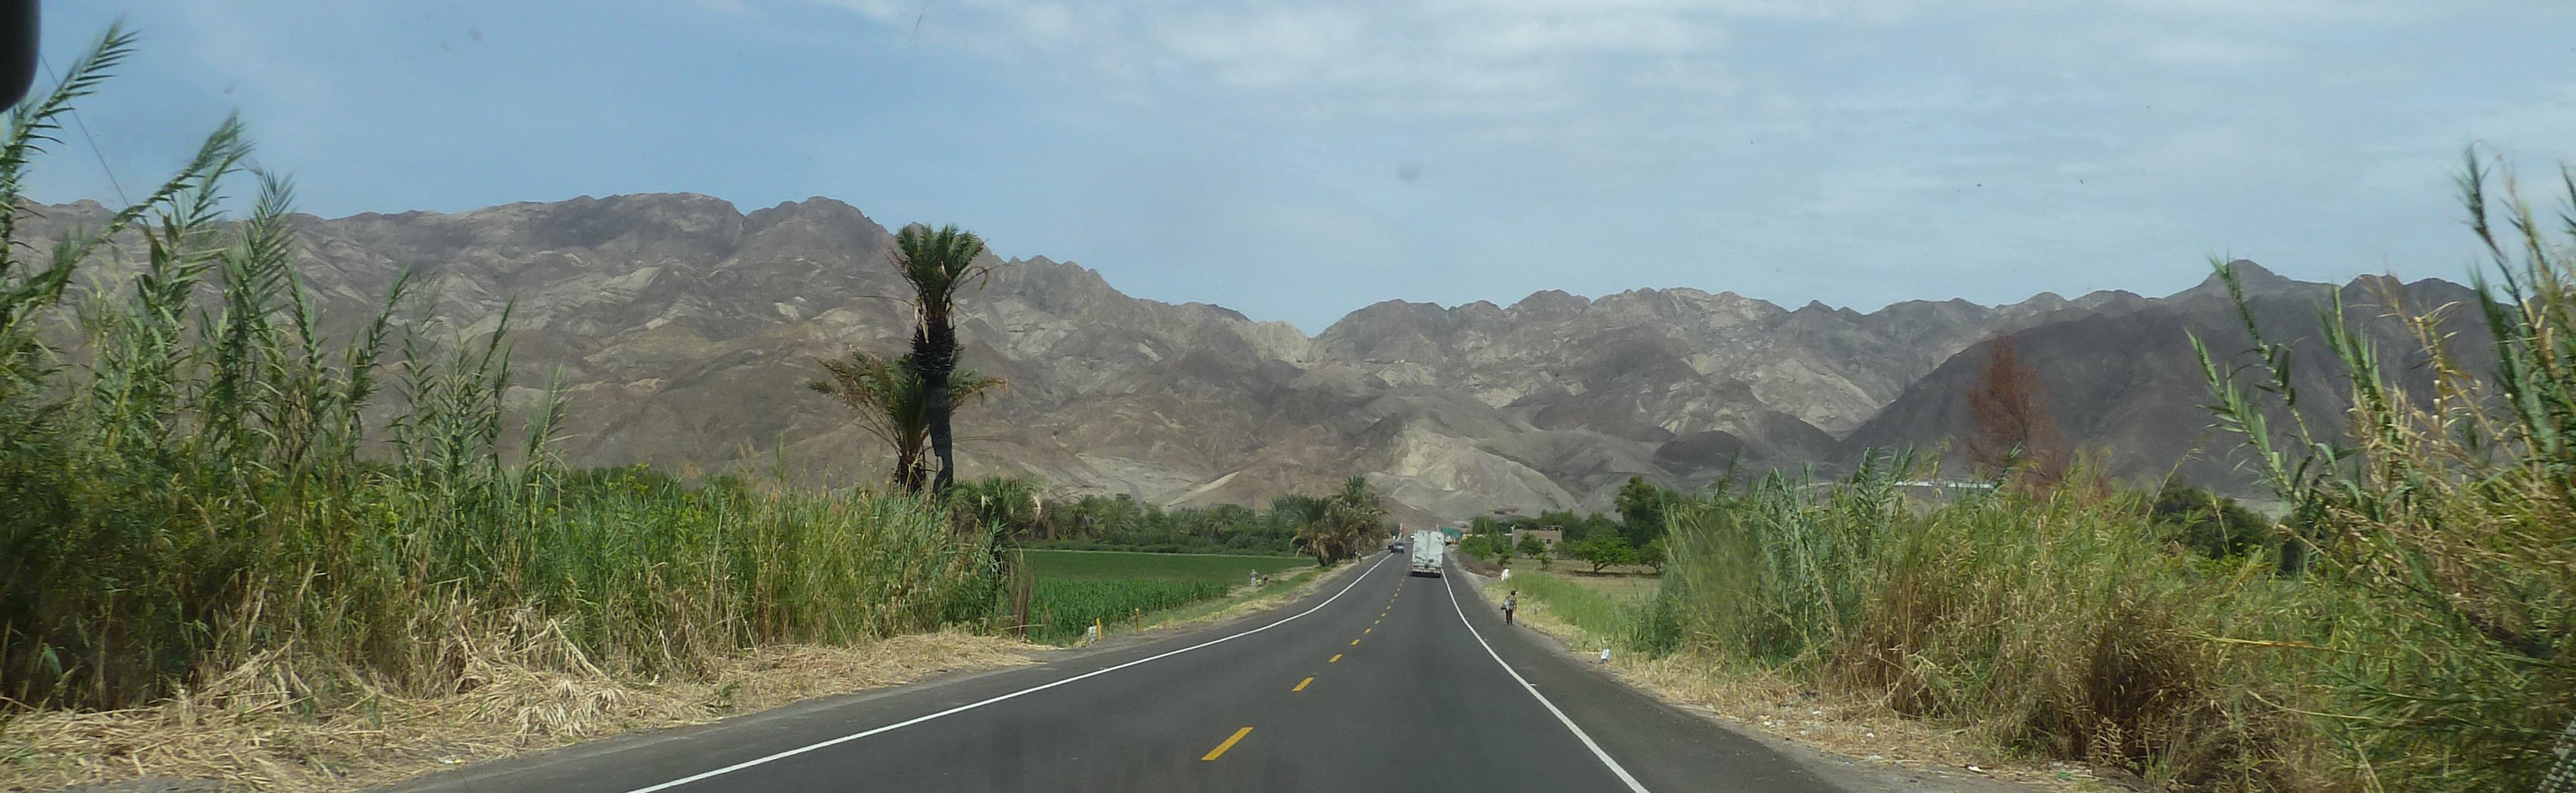 pe-0211-981-t-woestijngroen